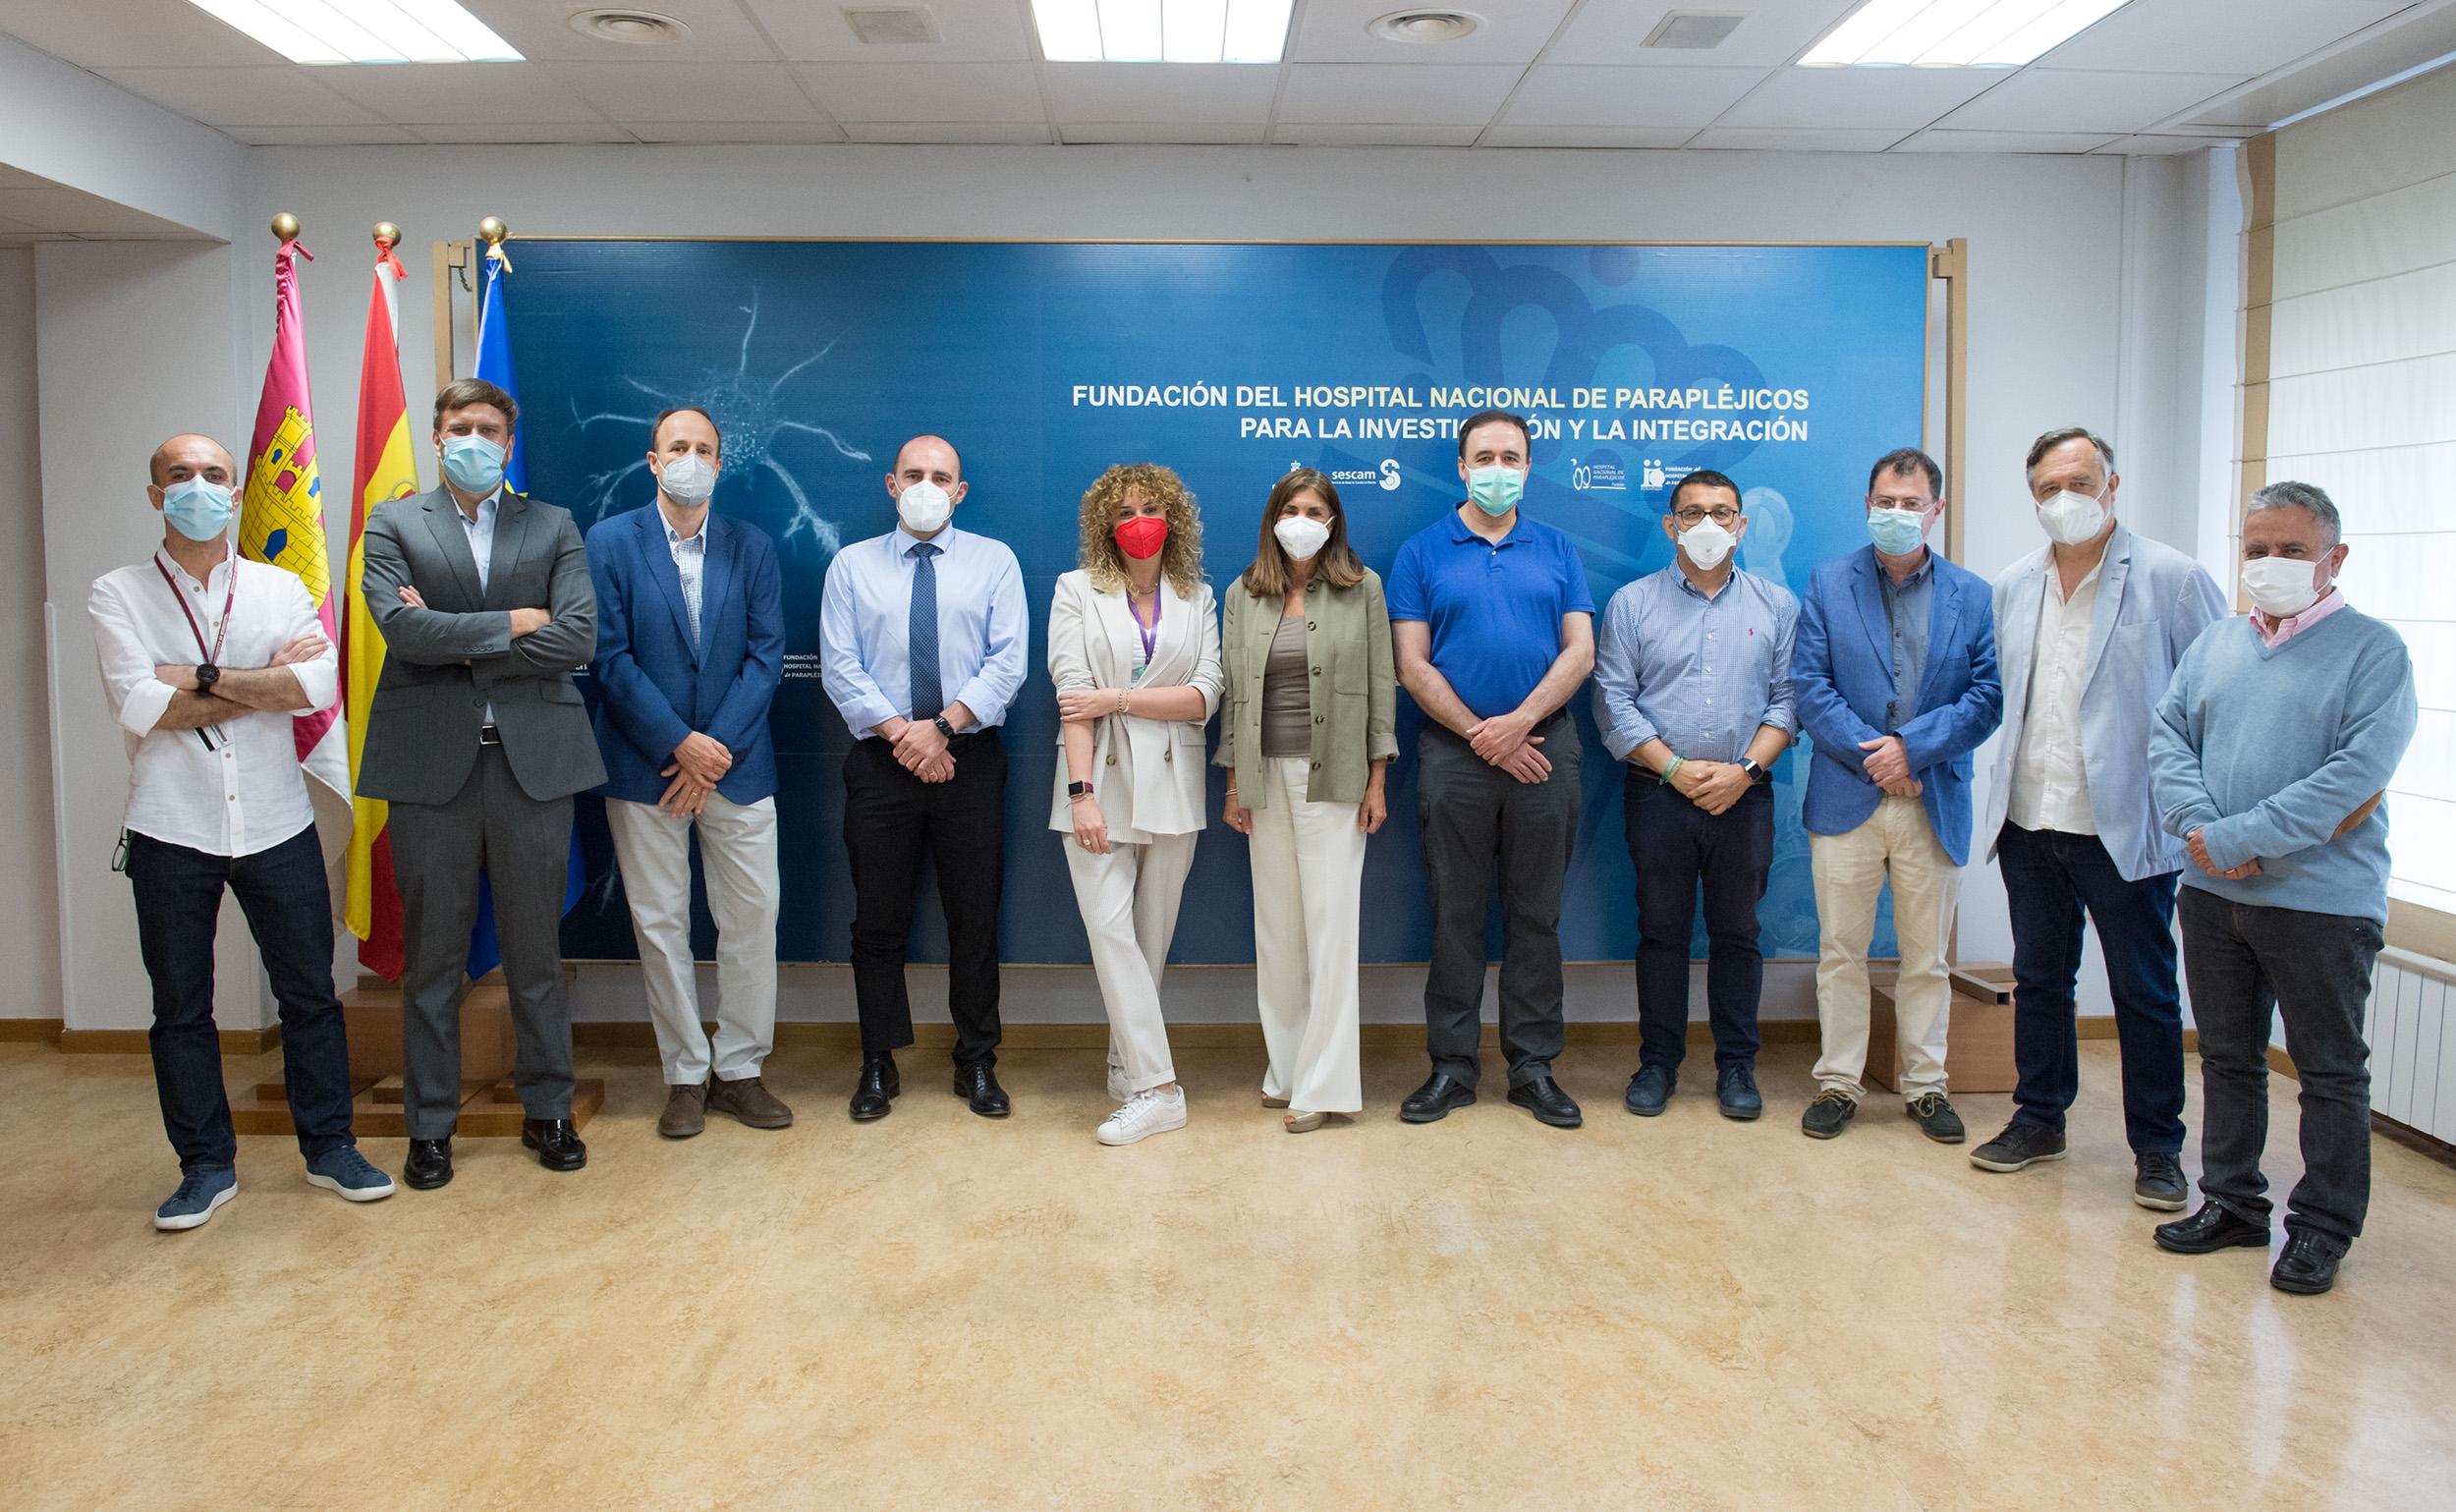 Comisión de Investigación de la Fundación del Hospital Nacional de Parapléjicos (Foto: Carlos Monroy // SESCAM)